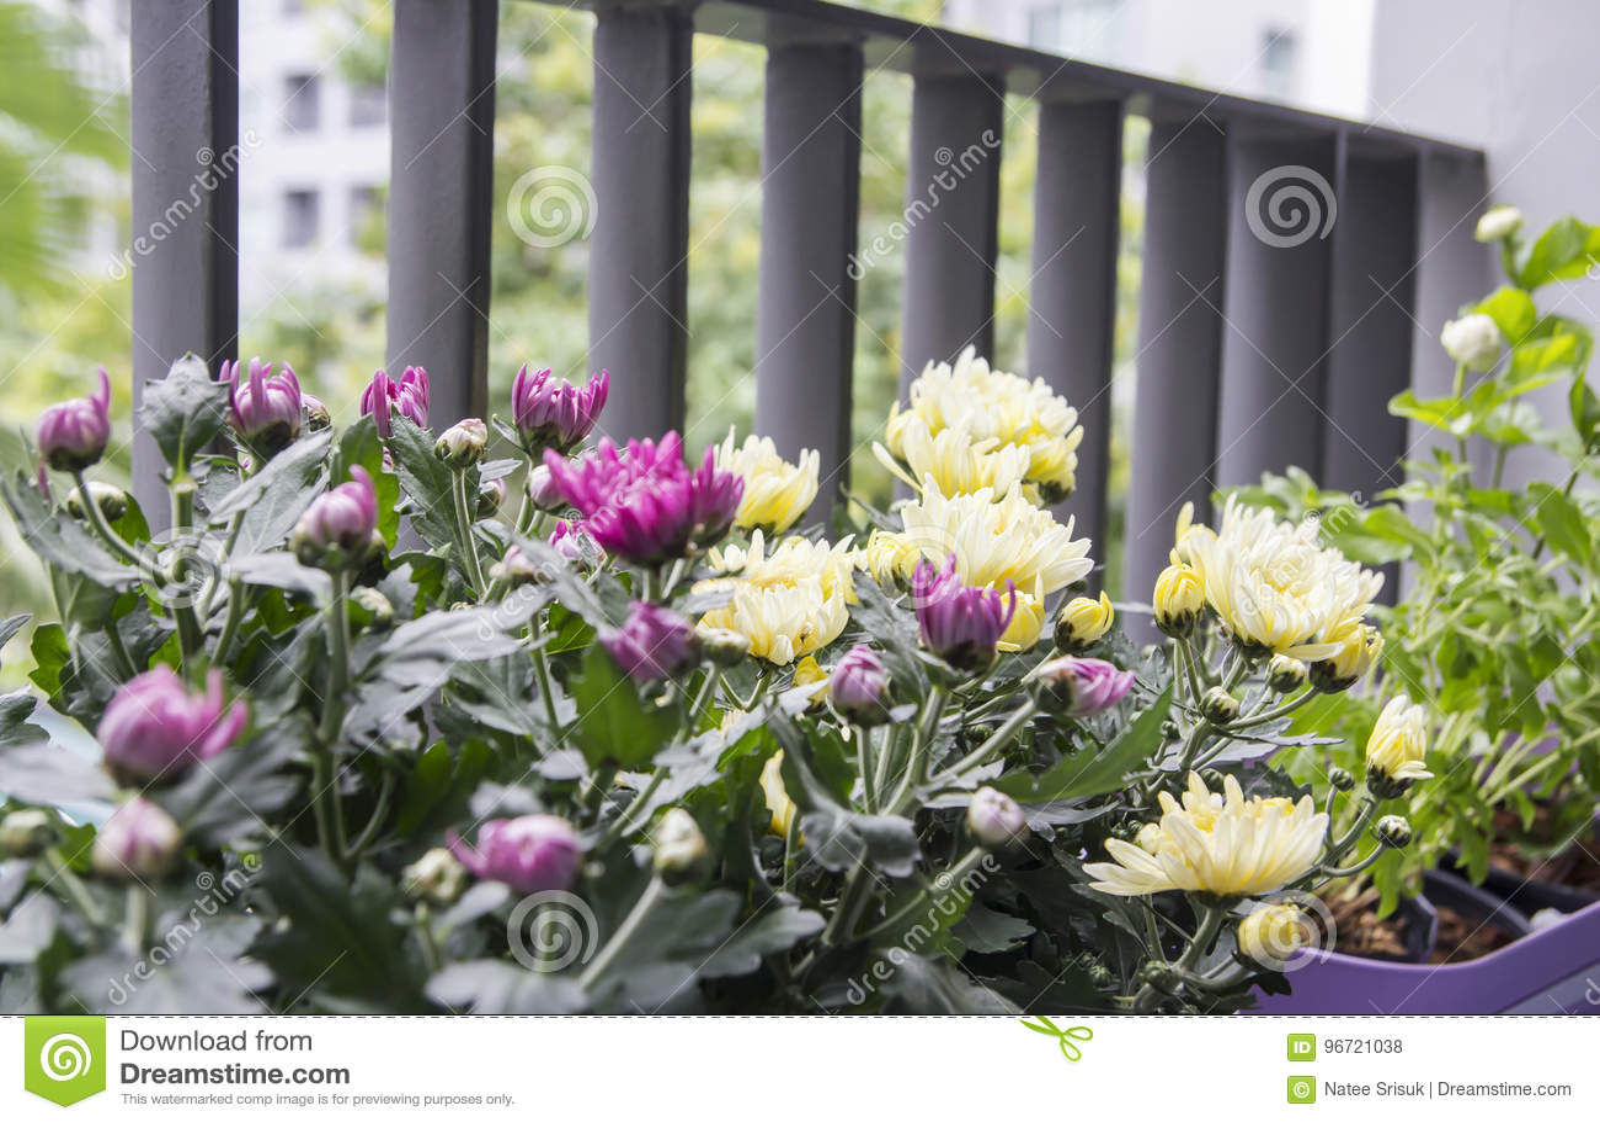 Giardino Sul Balcone Di Casa : Come arredare il balcone idee e consigli